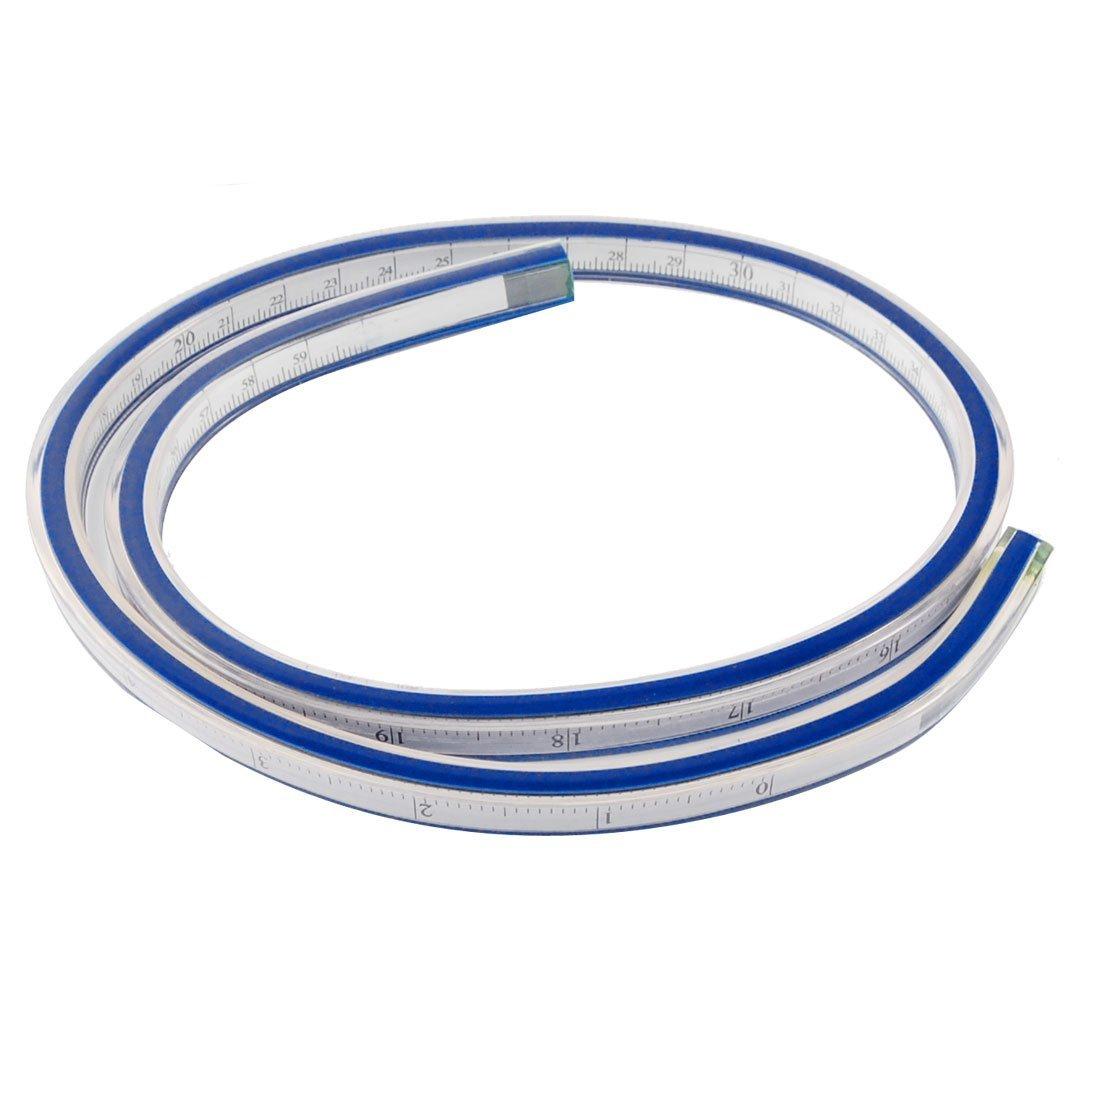 Uxcell mềm dẻo Tailor loại thước thước kẻ, 20 inch / 50 cm, xanh / trắng.